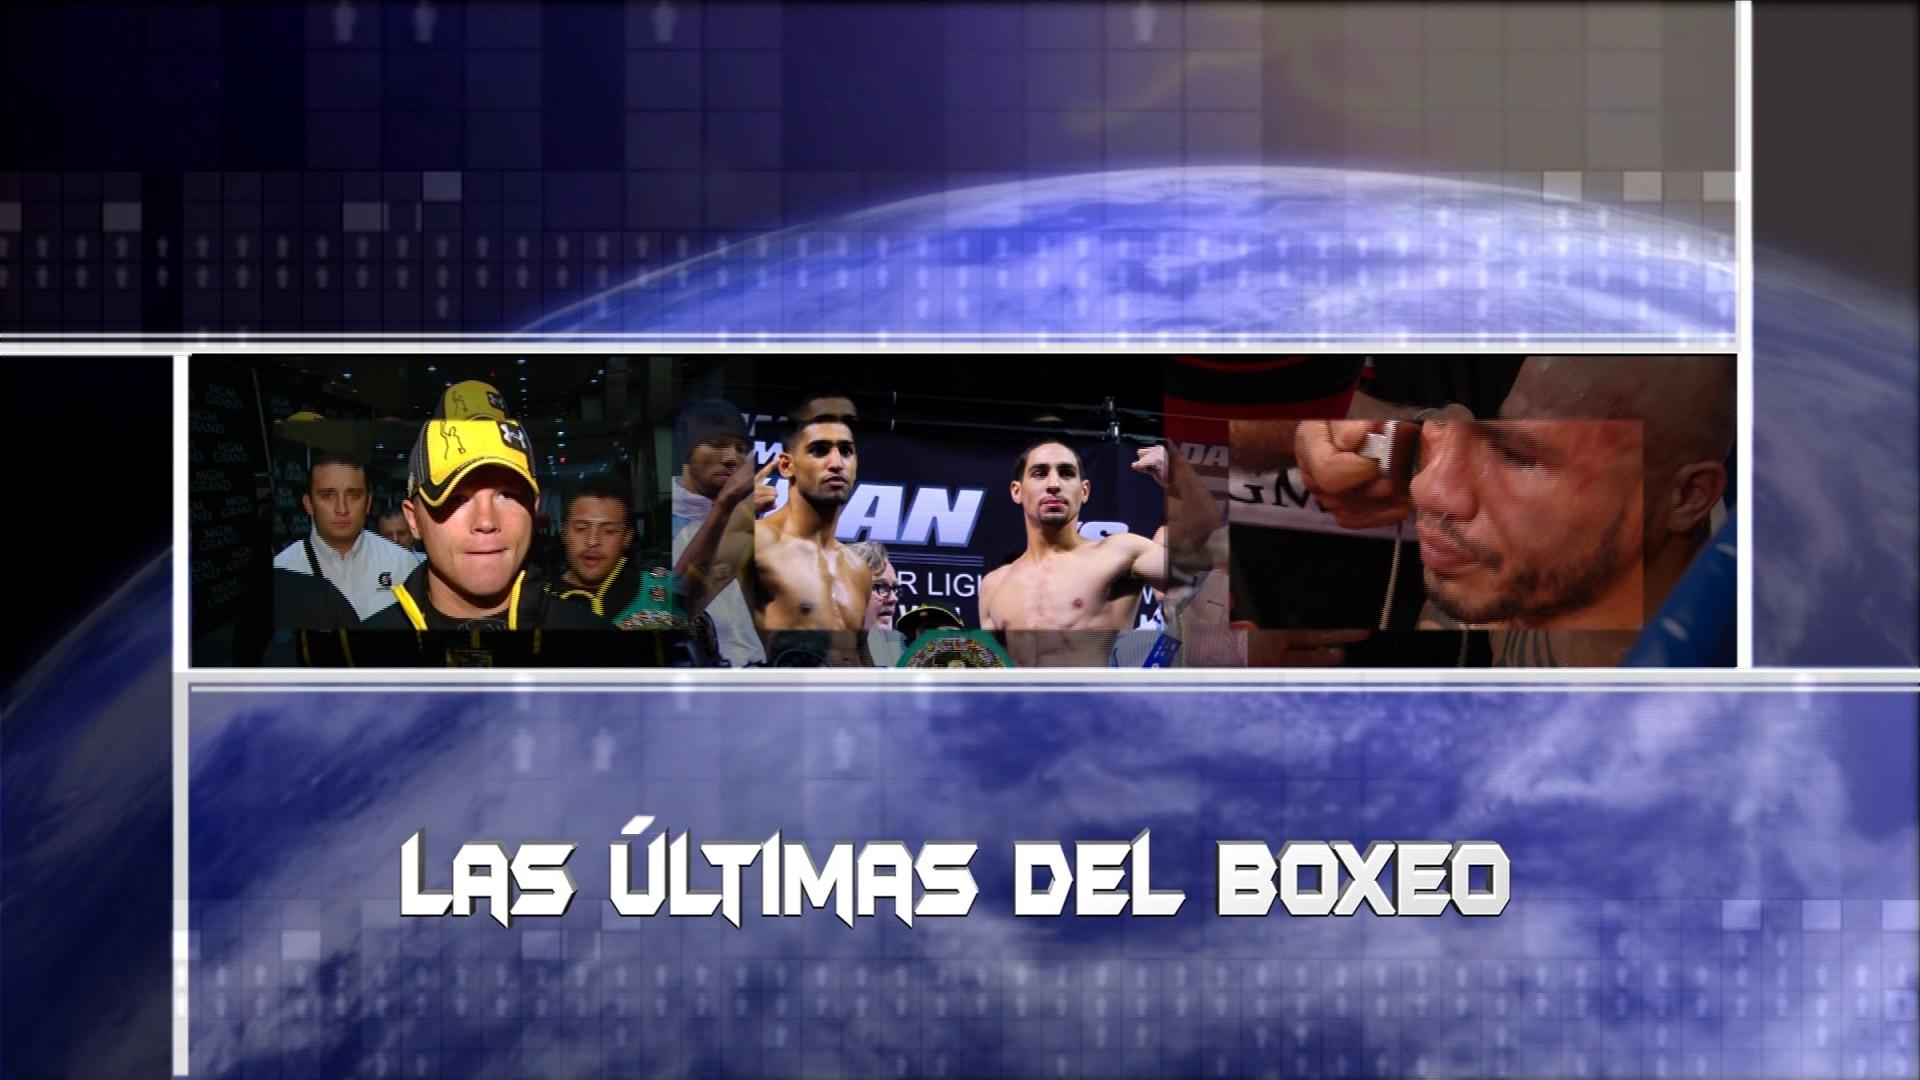 Las Últimas del Boxeo – del 26 de marzo al 1 de abril